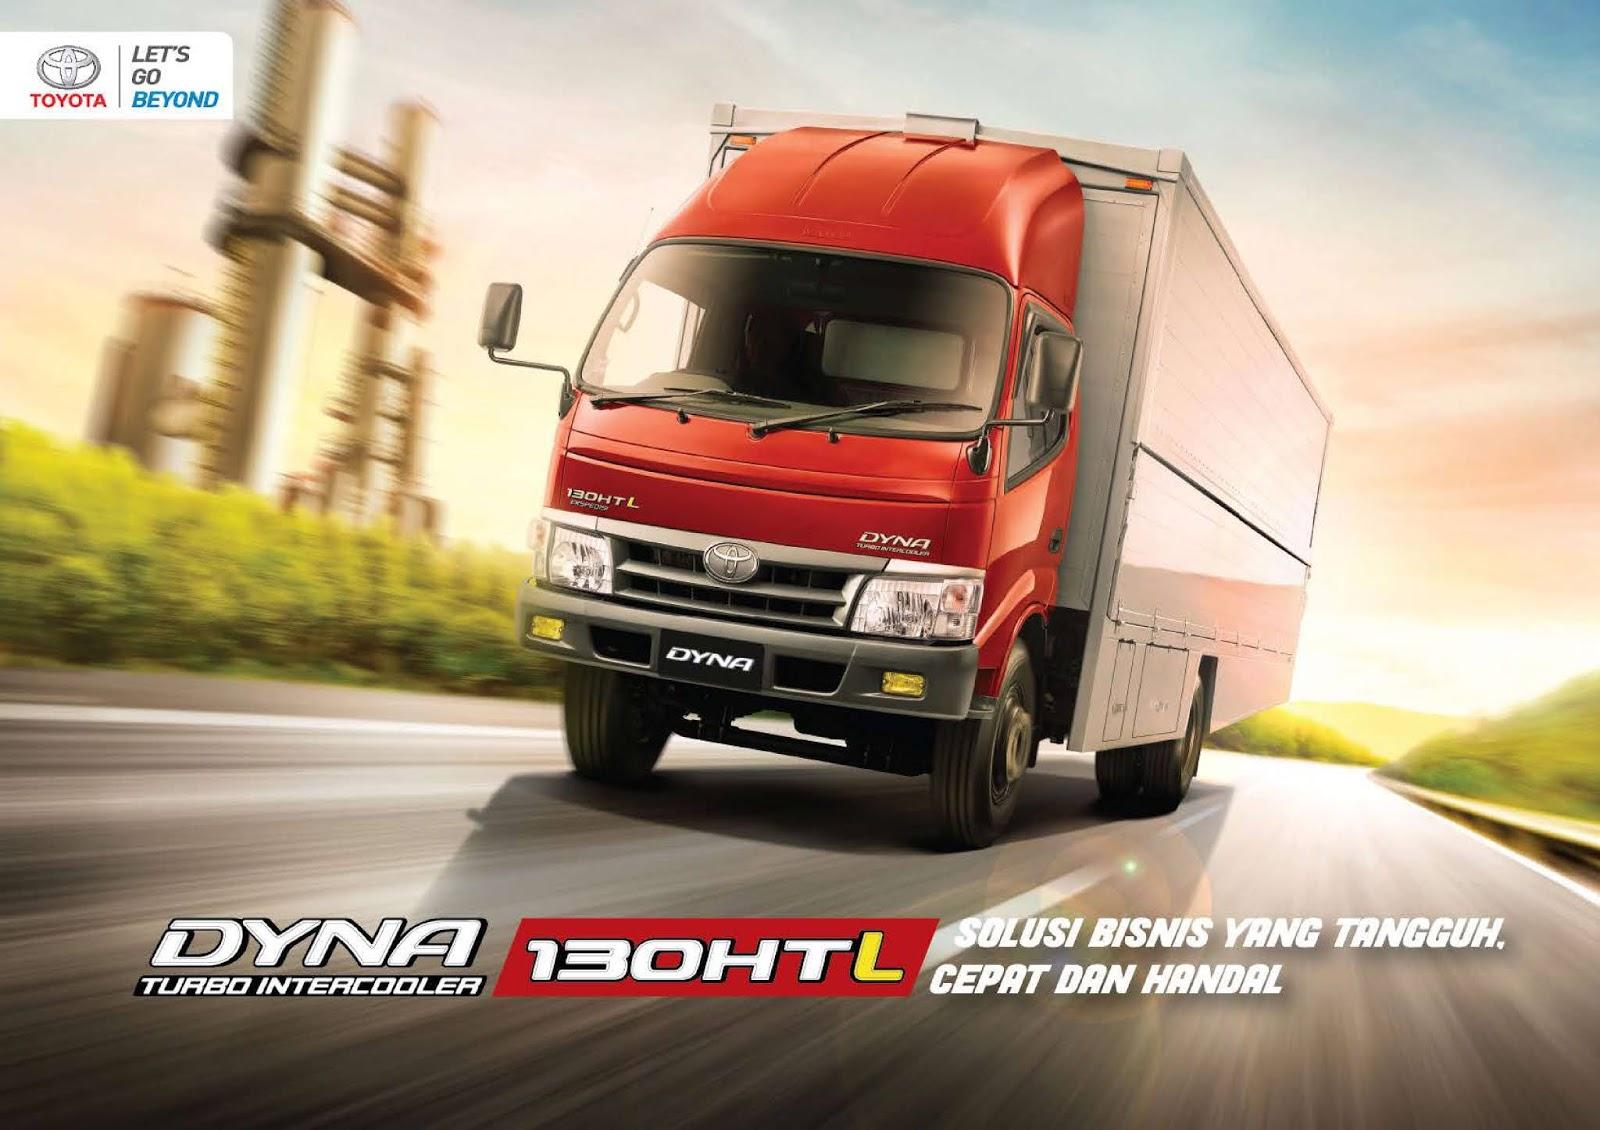 Toyota Denpasar - Lihat Spesifikasi New Toyota Dyna, Harga Toyota Dyna Bali dan Promo Toyota Dyna Bali terbaik hari ini.